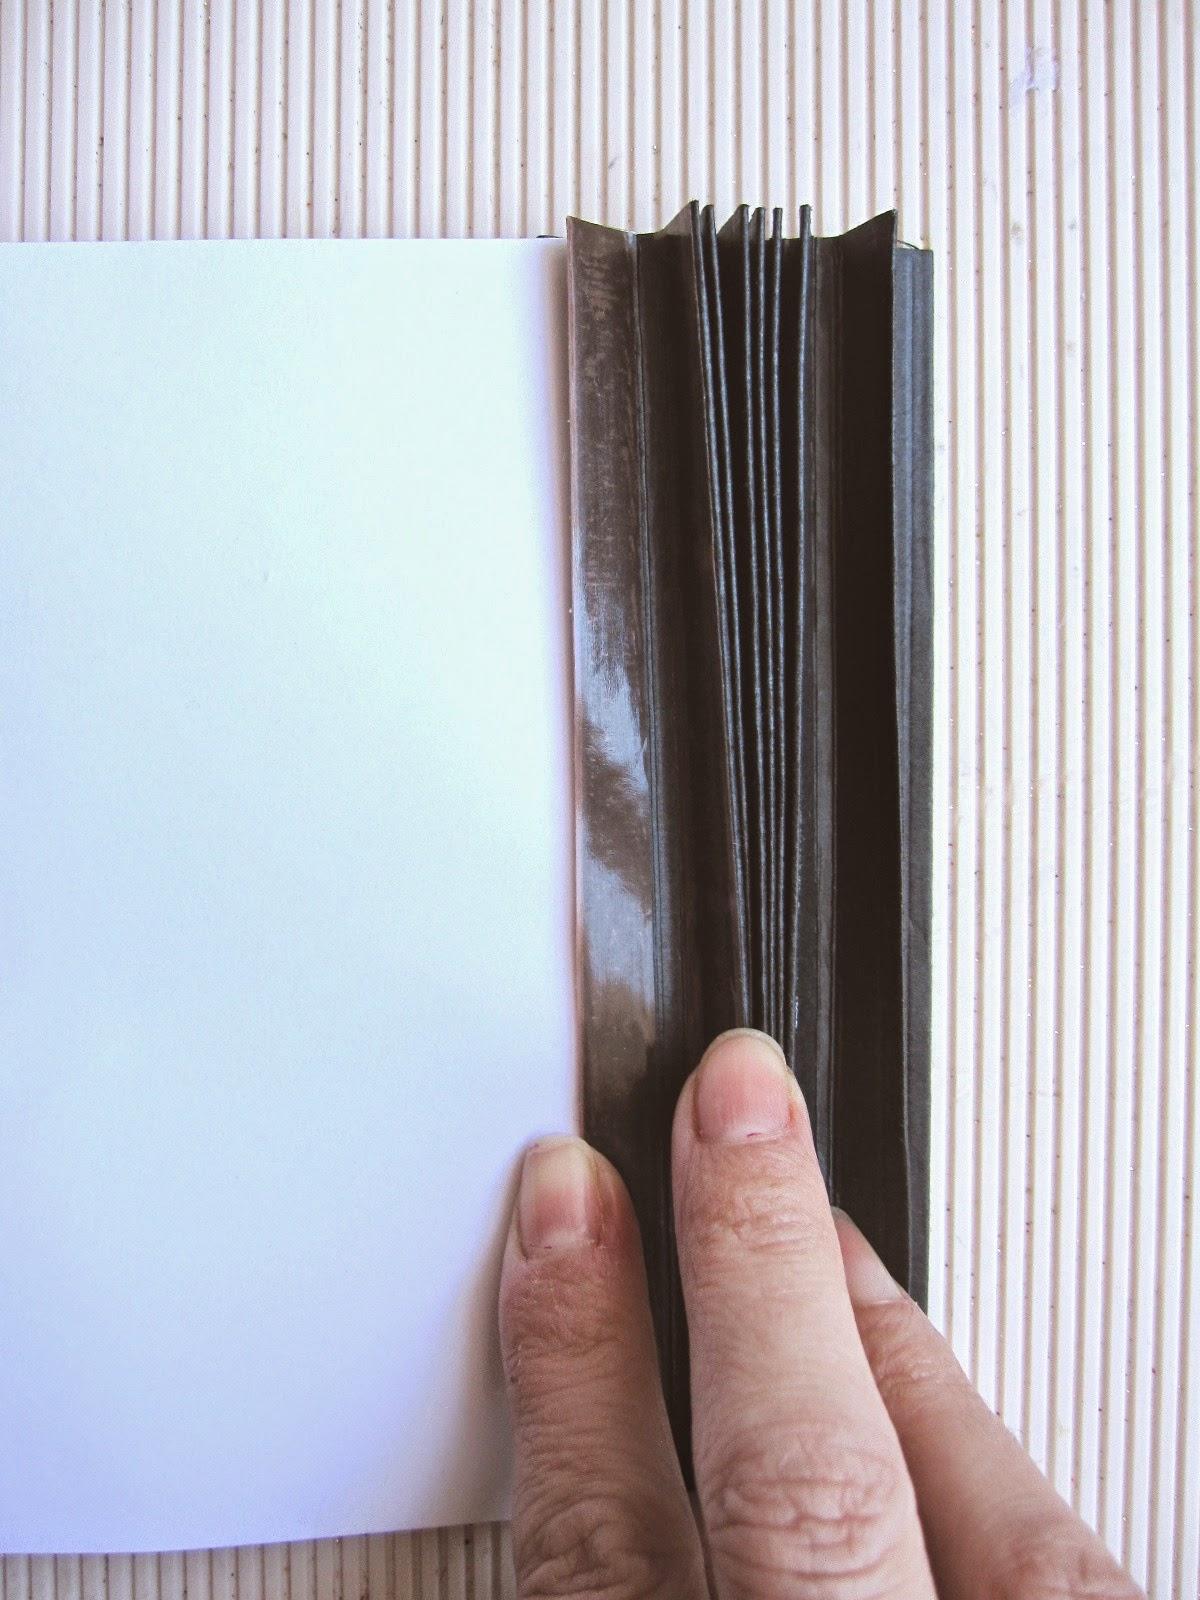 paso 9 tutorial mini-álbum scrapbook, cómo pegar cinta adhesiva de doble cara en las pestañas interiores del lomo